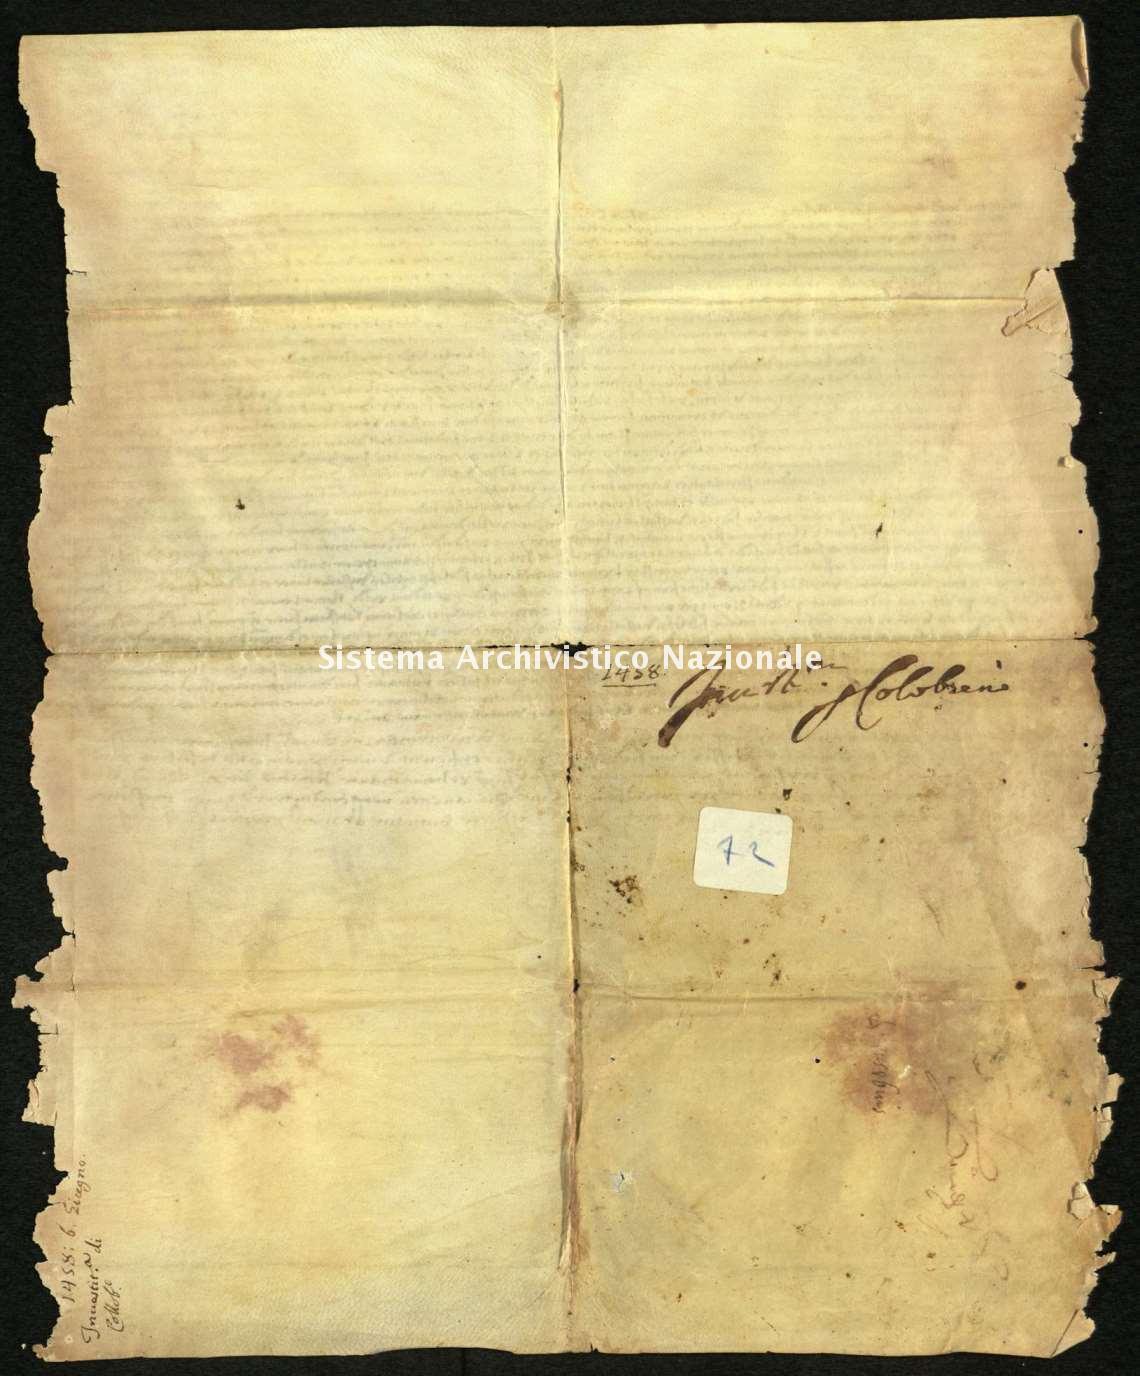 Archivio di Stato di Biella, Avogadro di Valdengo, Pergamene II, 8 febbraio 1458